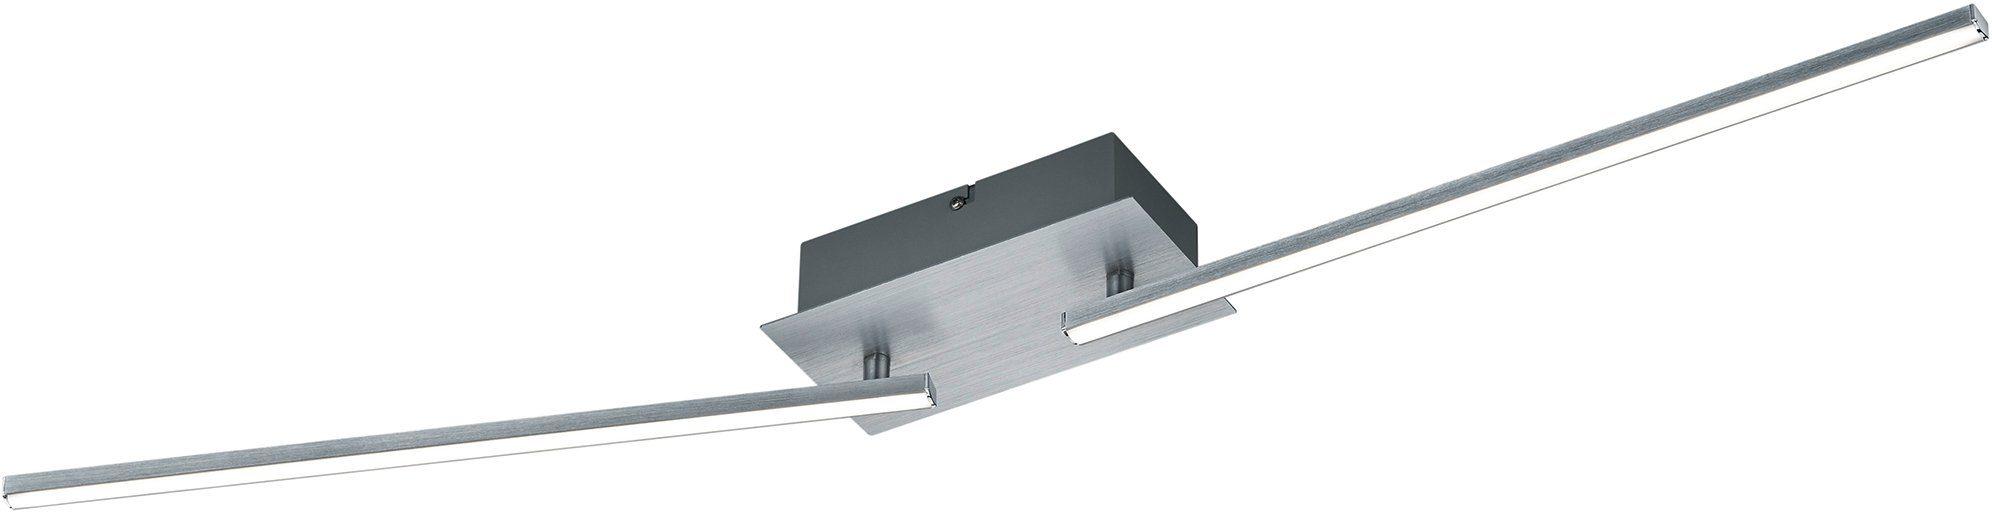 TRIO Leuchten LED Deckenleuchte, »HIGHWAY«